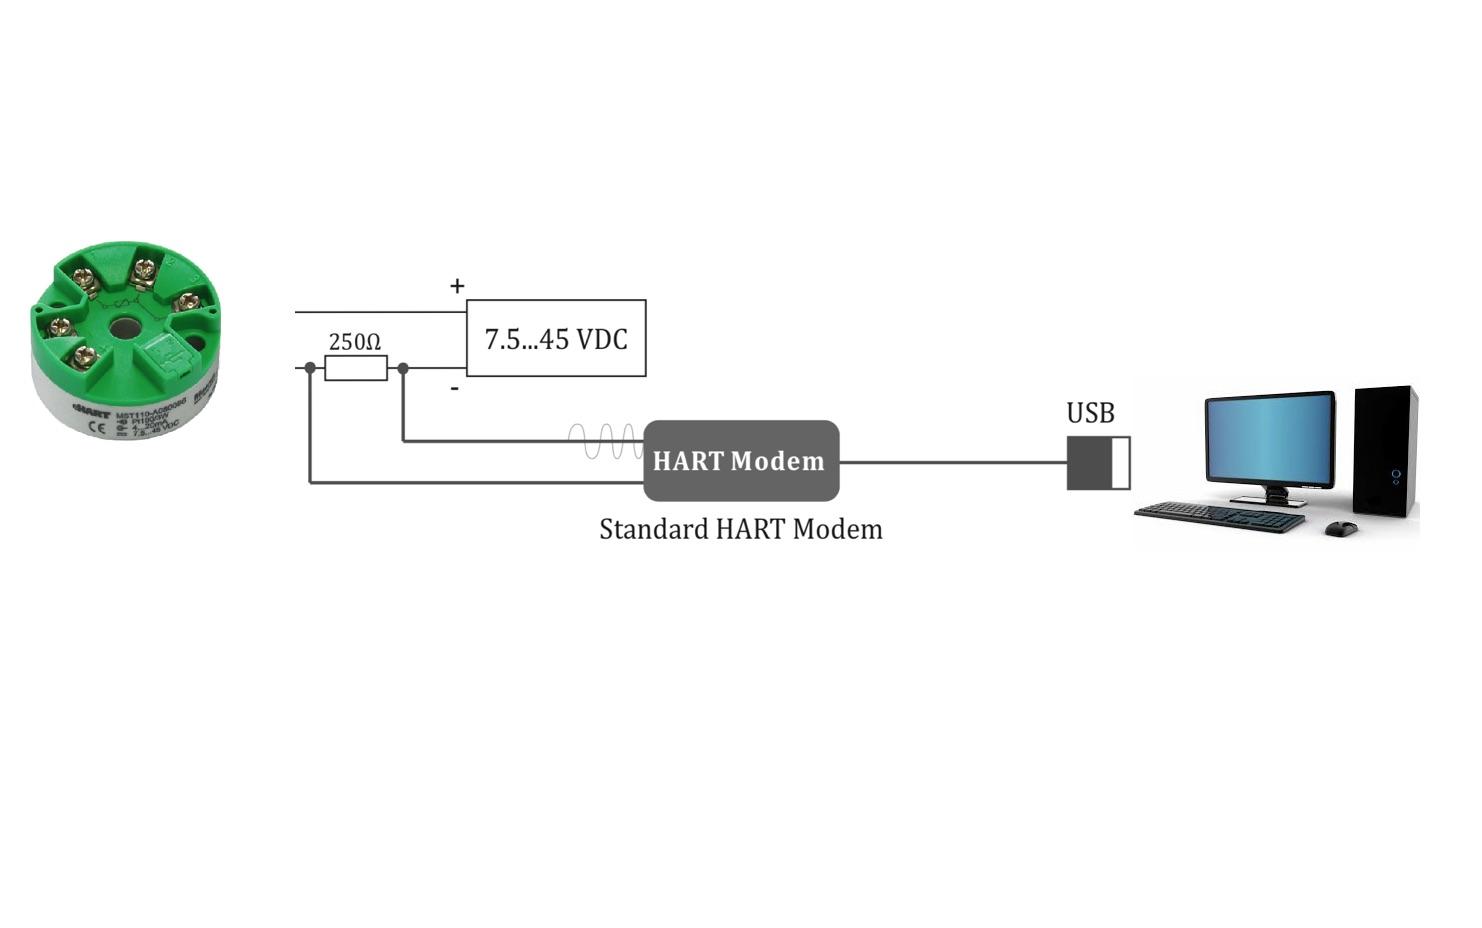 Cấu hình nhiệt độ cho bộ MST110